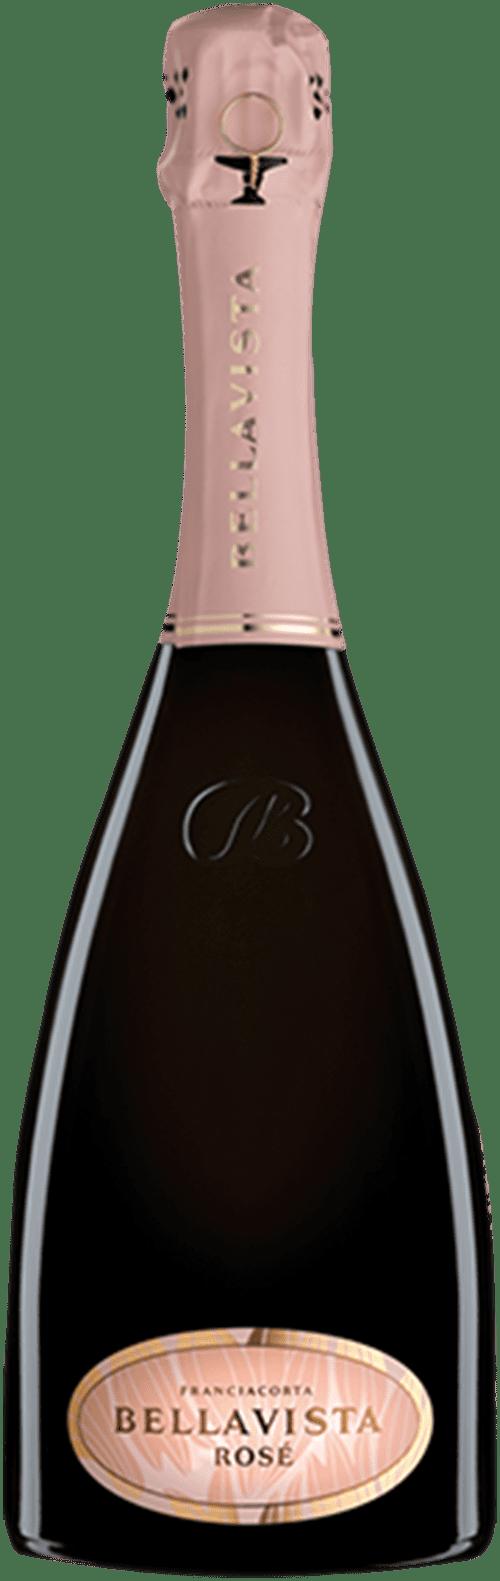 Bellavista Rosè Franciacorta